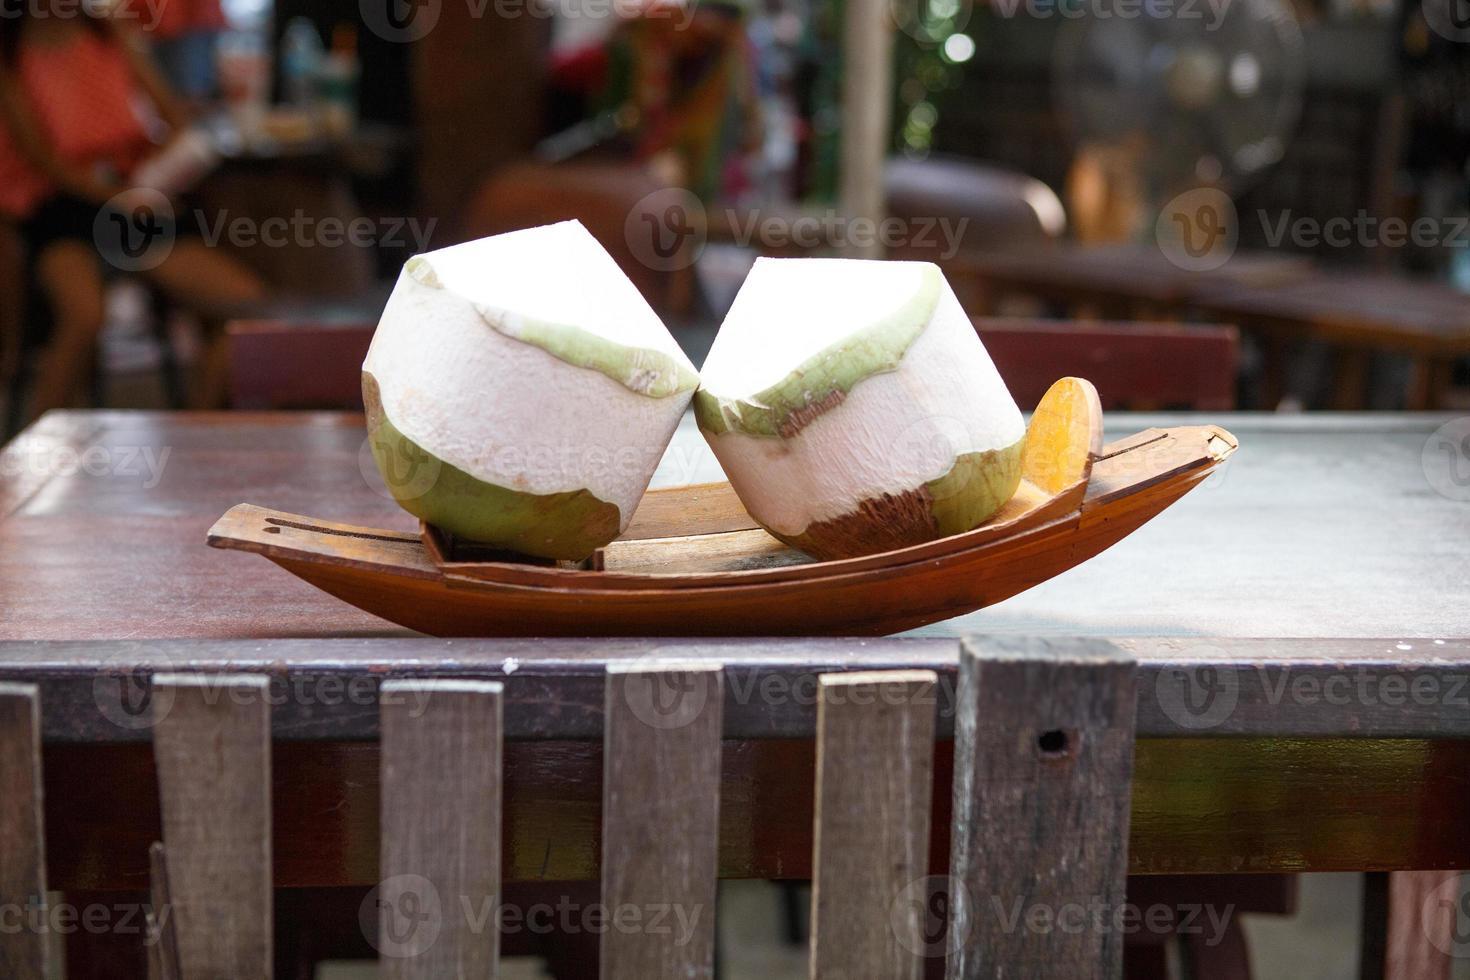 hugga av topparna och njut av uppfriskande kokosnötvatten. foto